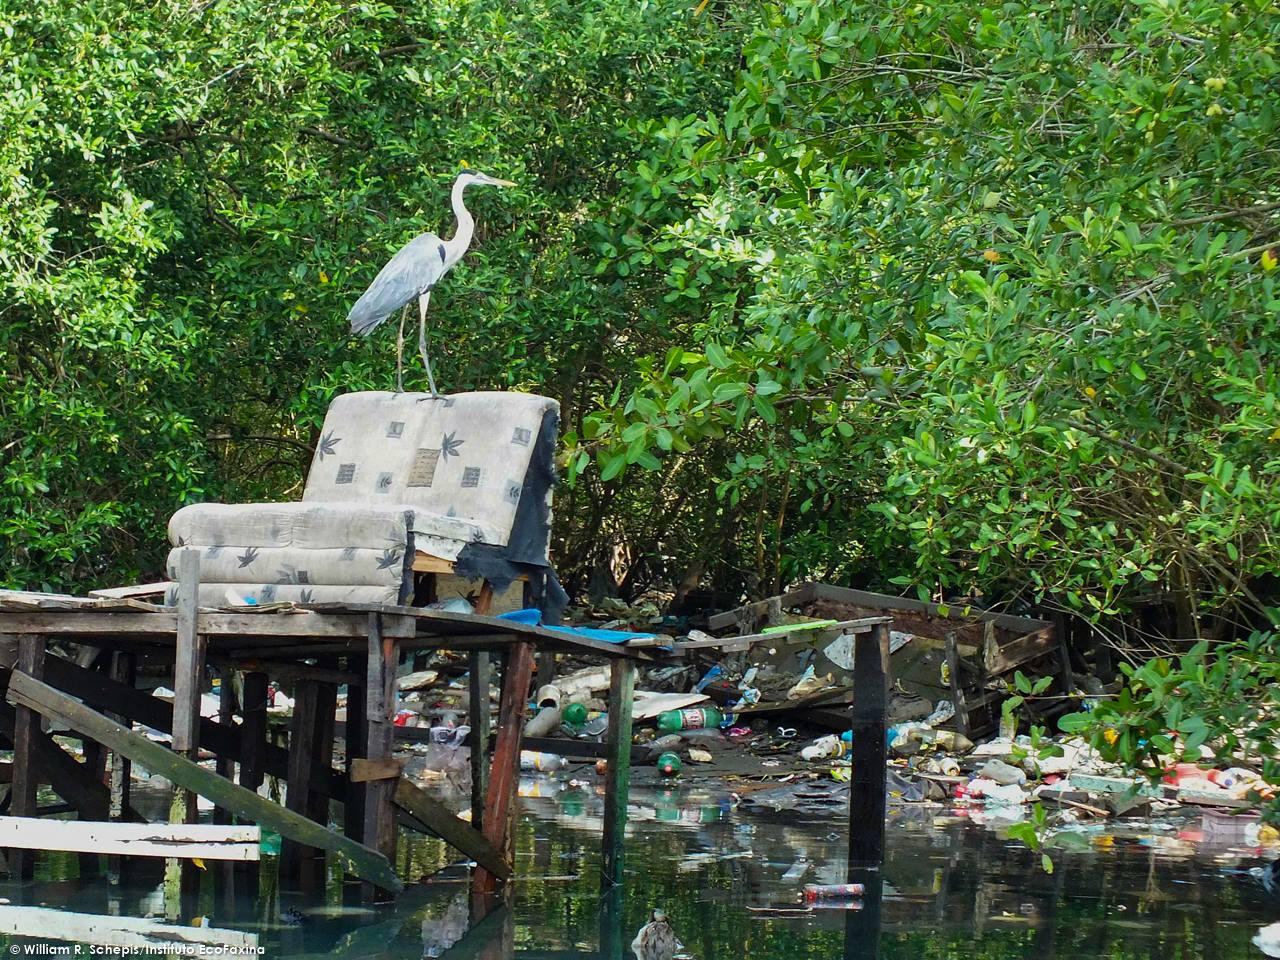 A ocupação desenfreada de áreas de mangue no estuário de Santos gera um enorme impacto ambiental que acarreta prejuízos para importantes setores da economia local, como a saúde pública, o turismo e a pesca.